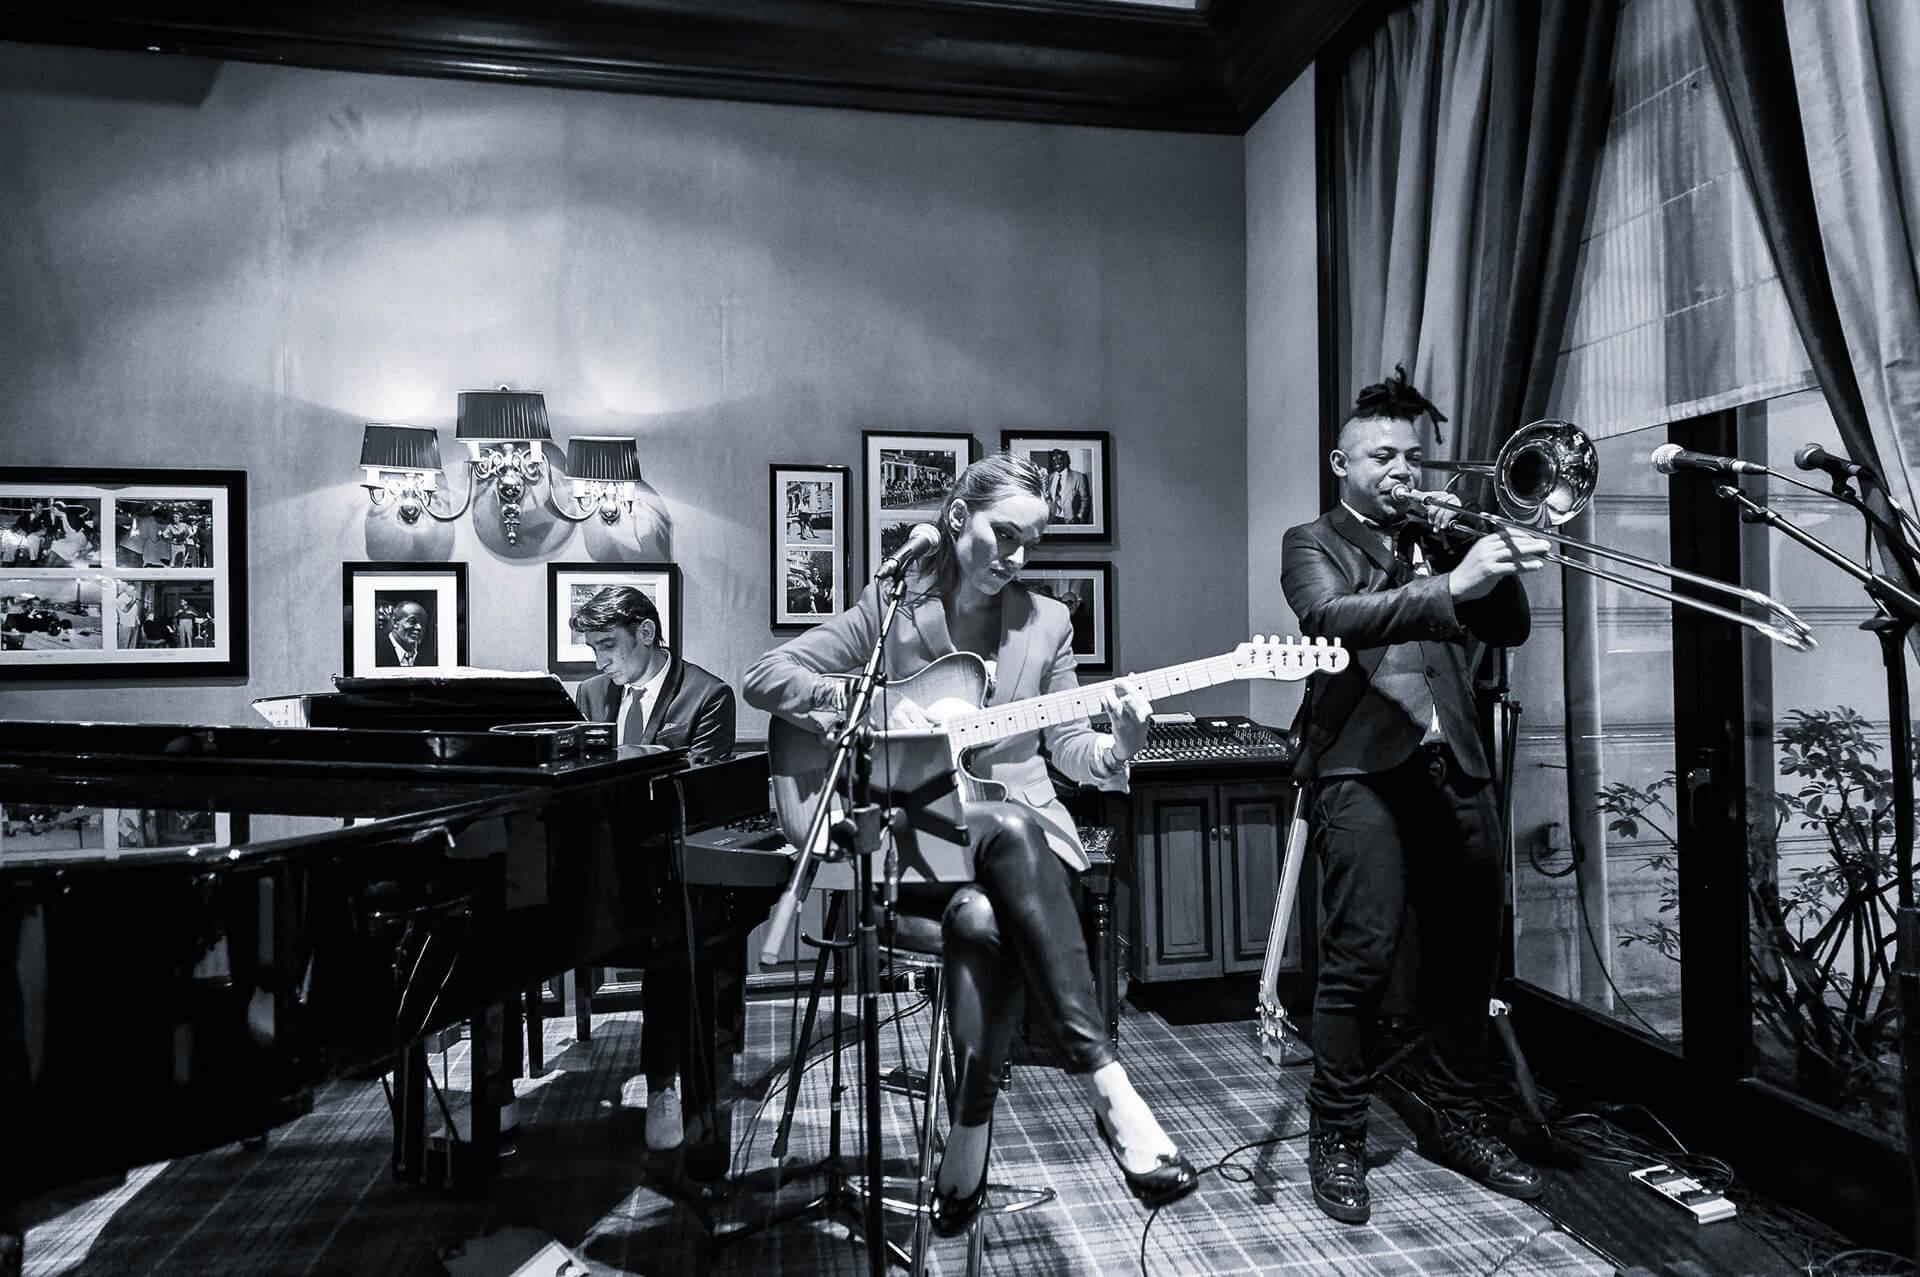 trio lounge côte d'azur, lounge musique, musique hotel, musique lobby, musique relac cote d'azur,